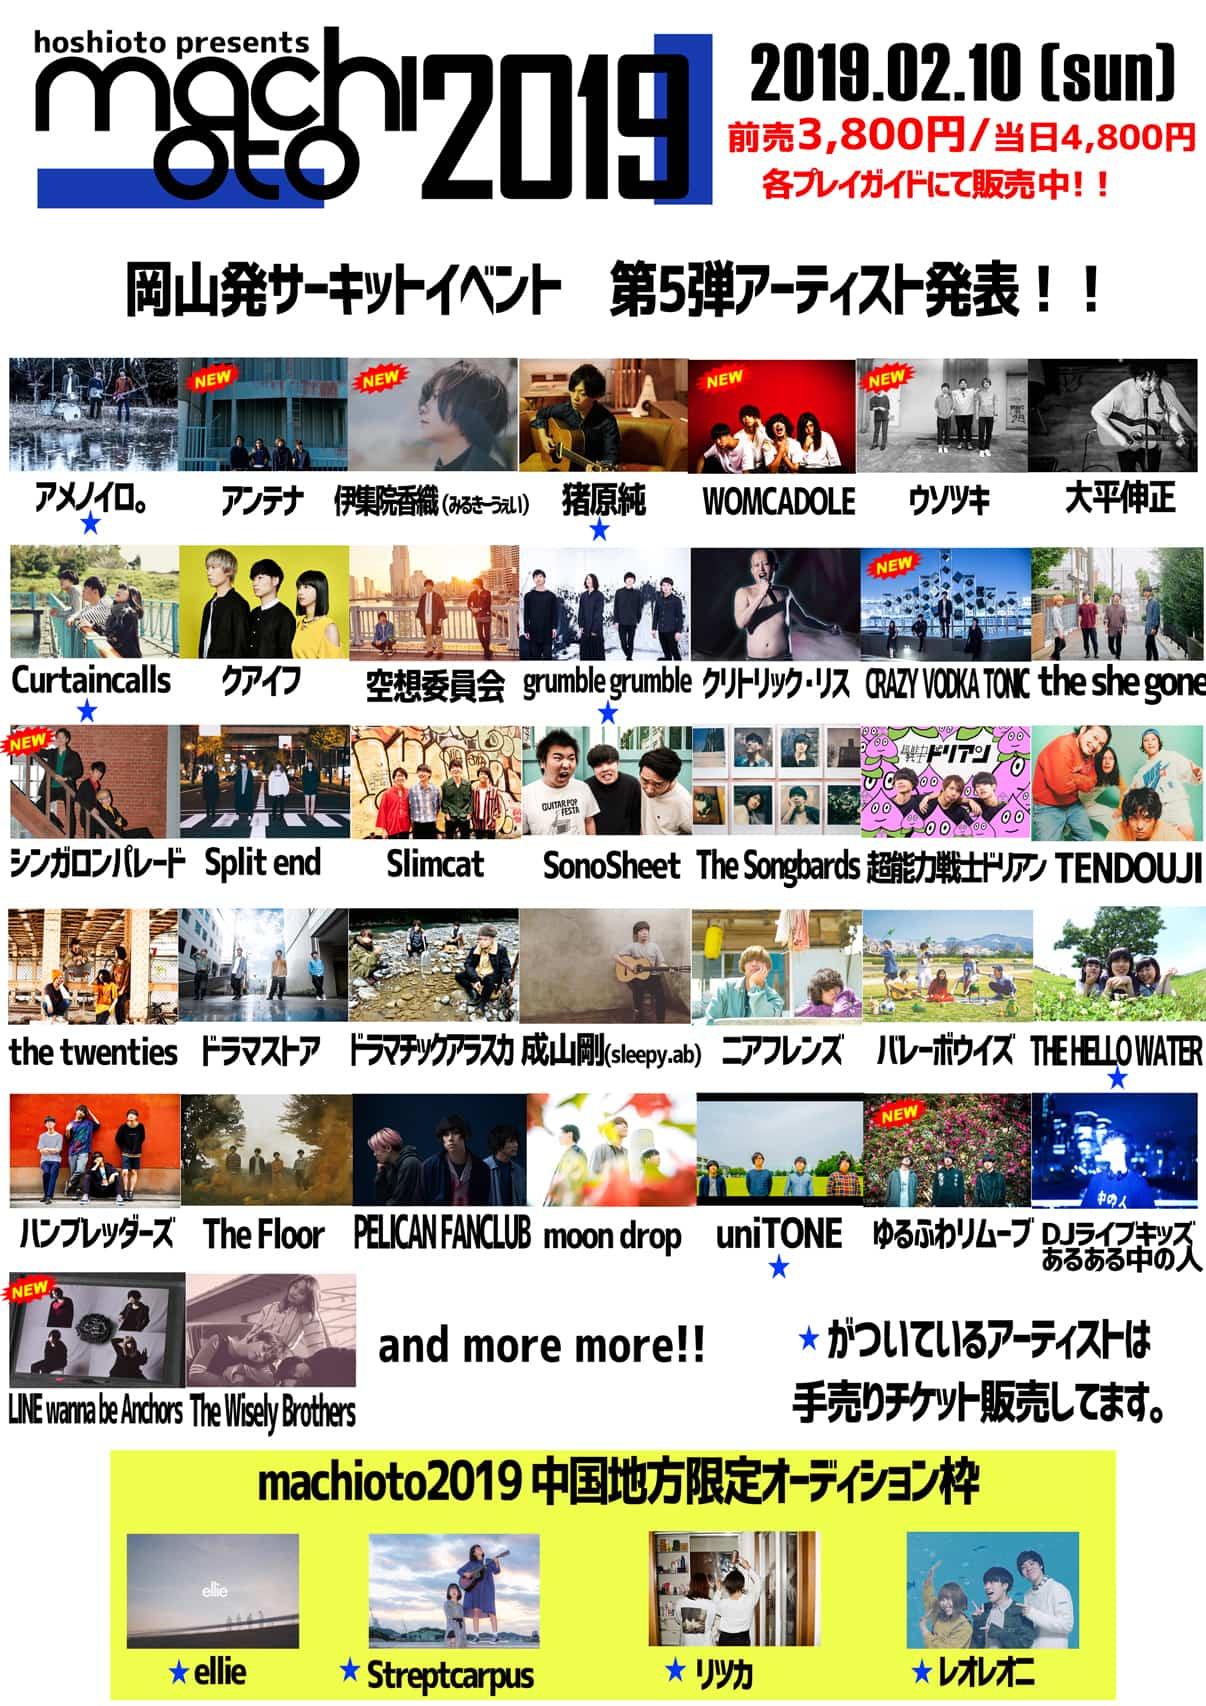 岡山「machioto2019」第5弾発表で、ウソツキ、WOMCADOLEら8組追加